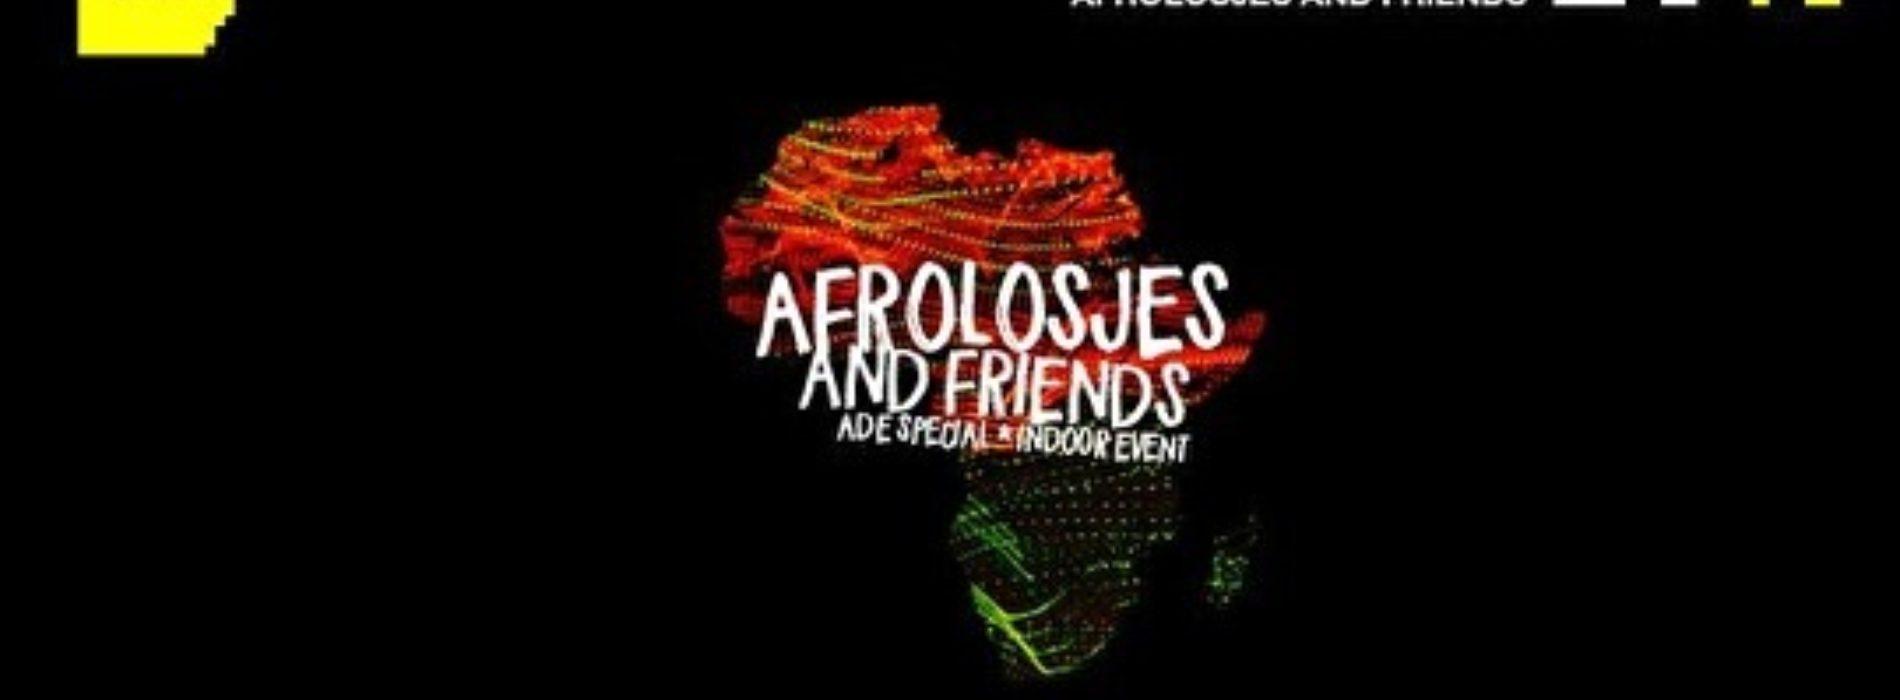 AfroLosjes | Stadspodium Amsterdam